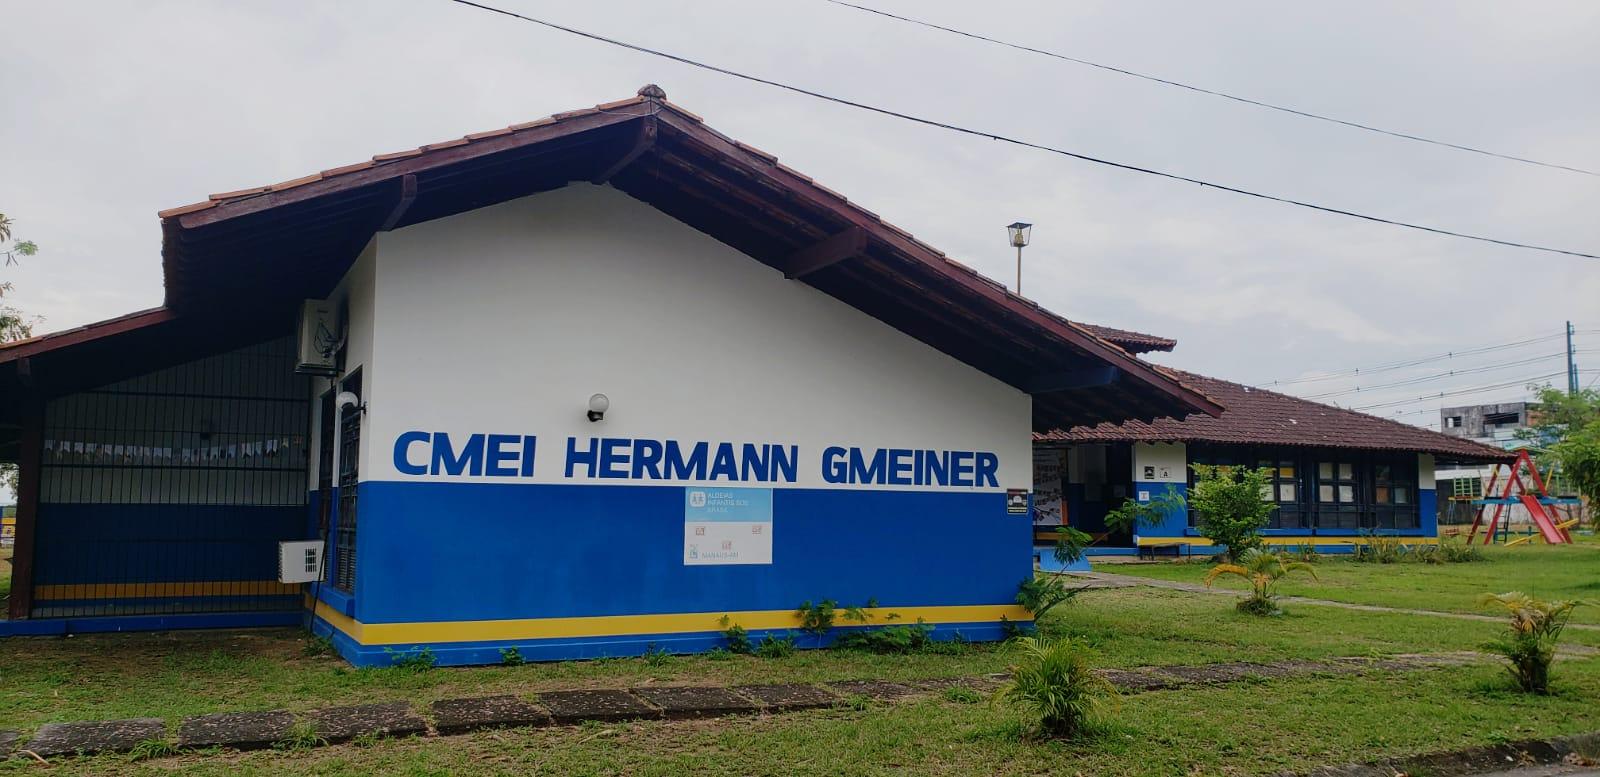 CMEI Hermann Gmeiner